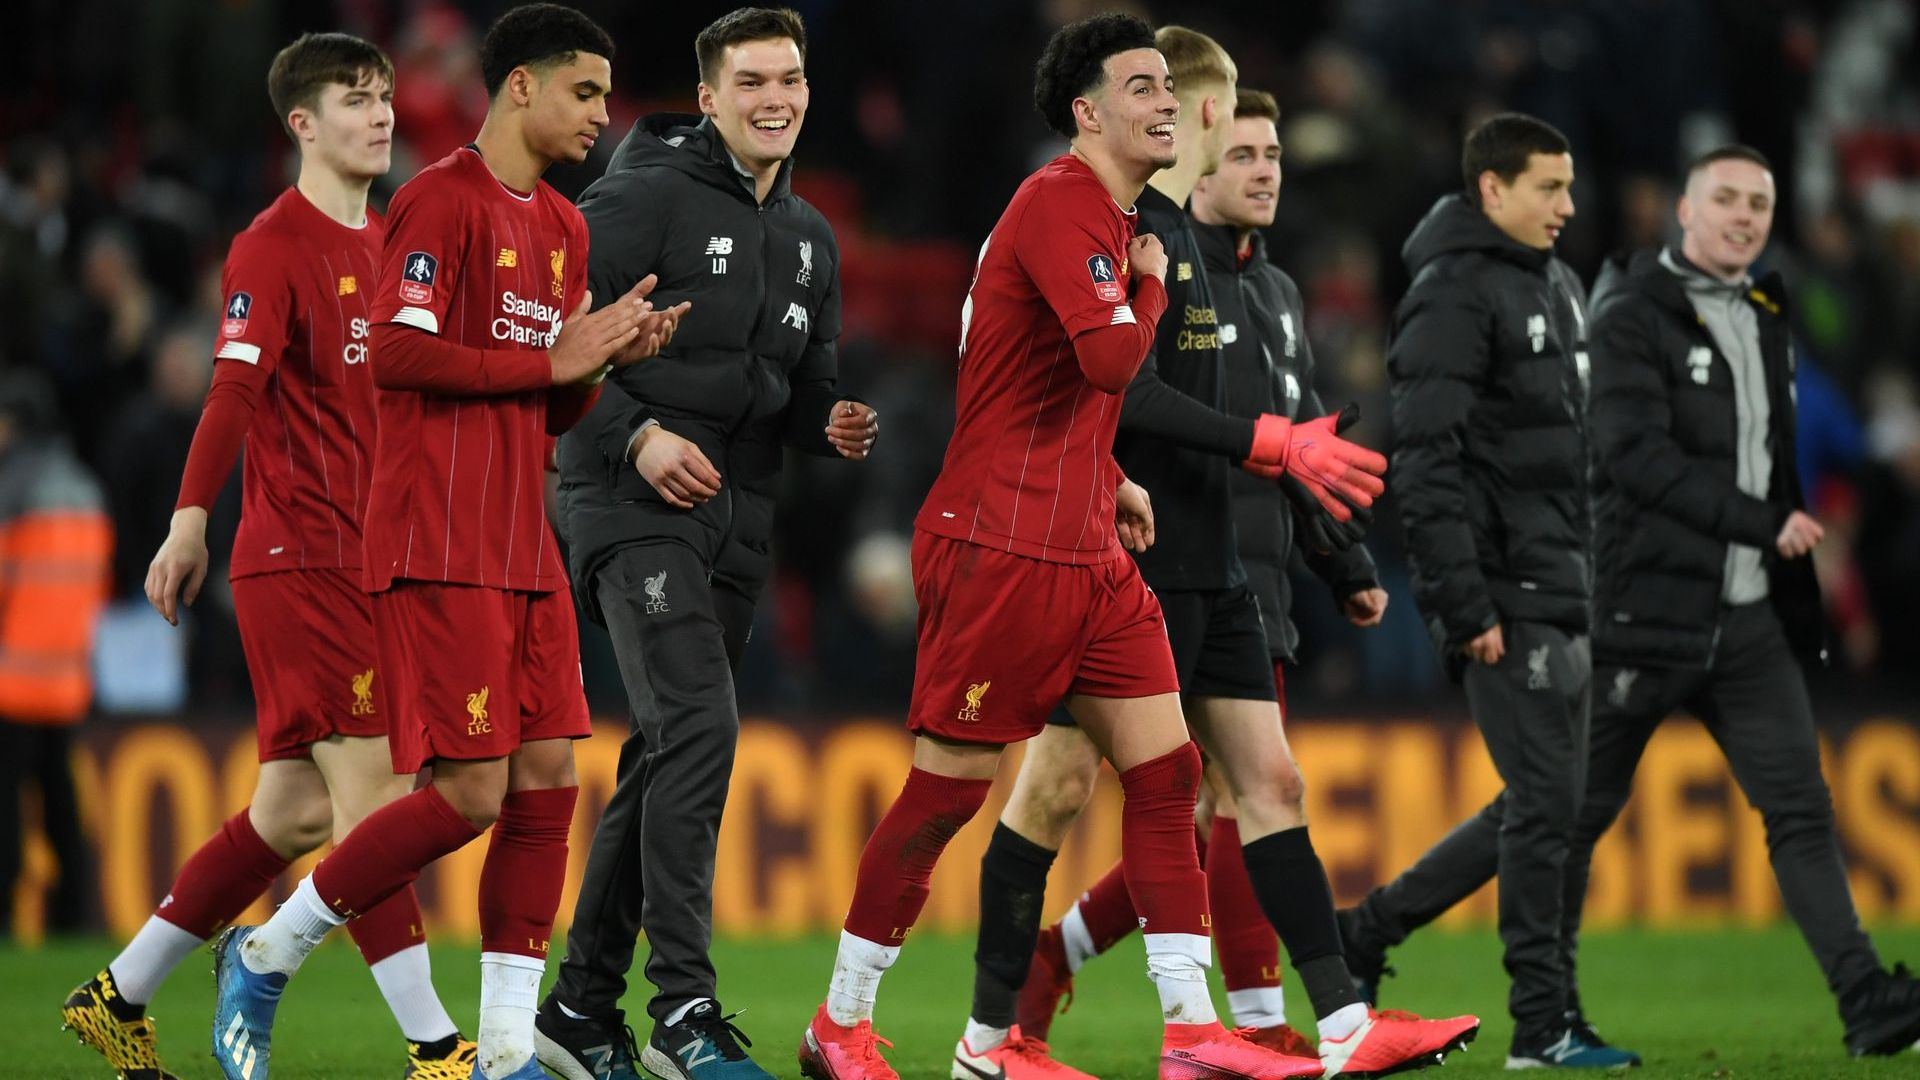 Най-младият Ливърпул победи за историята, Рууни се изправя срещу Юнайтед